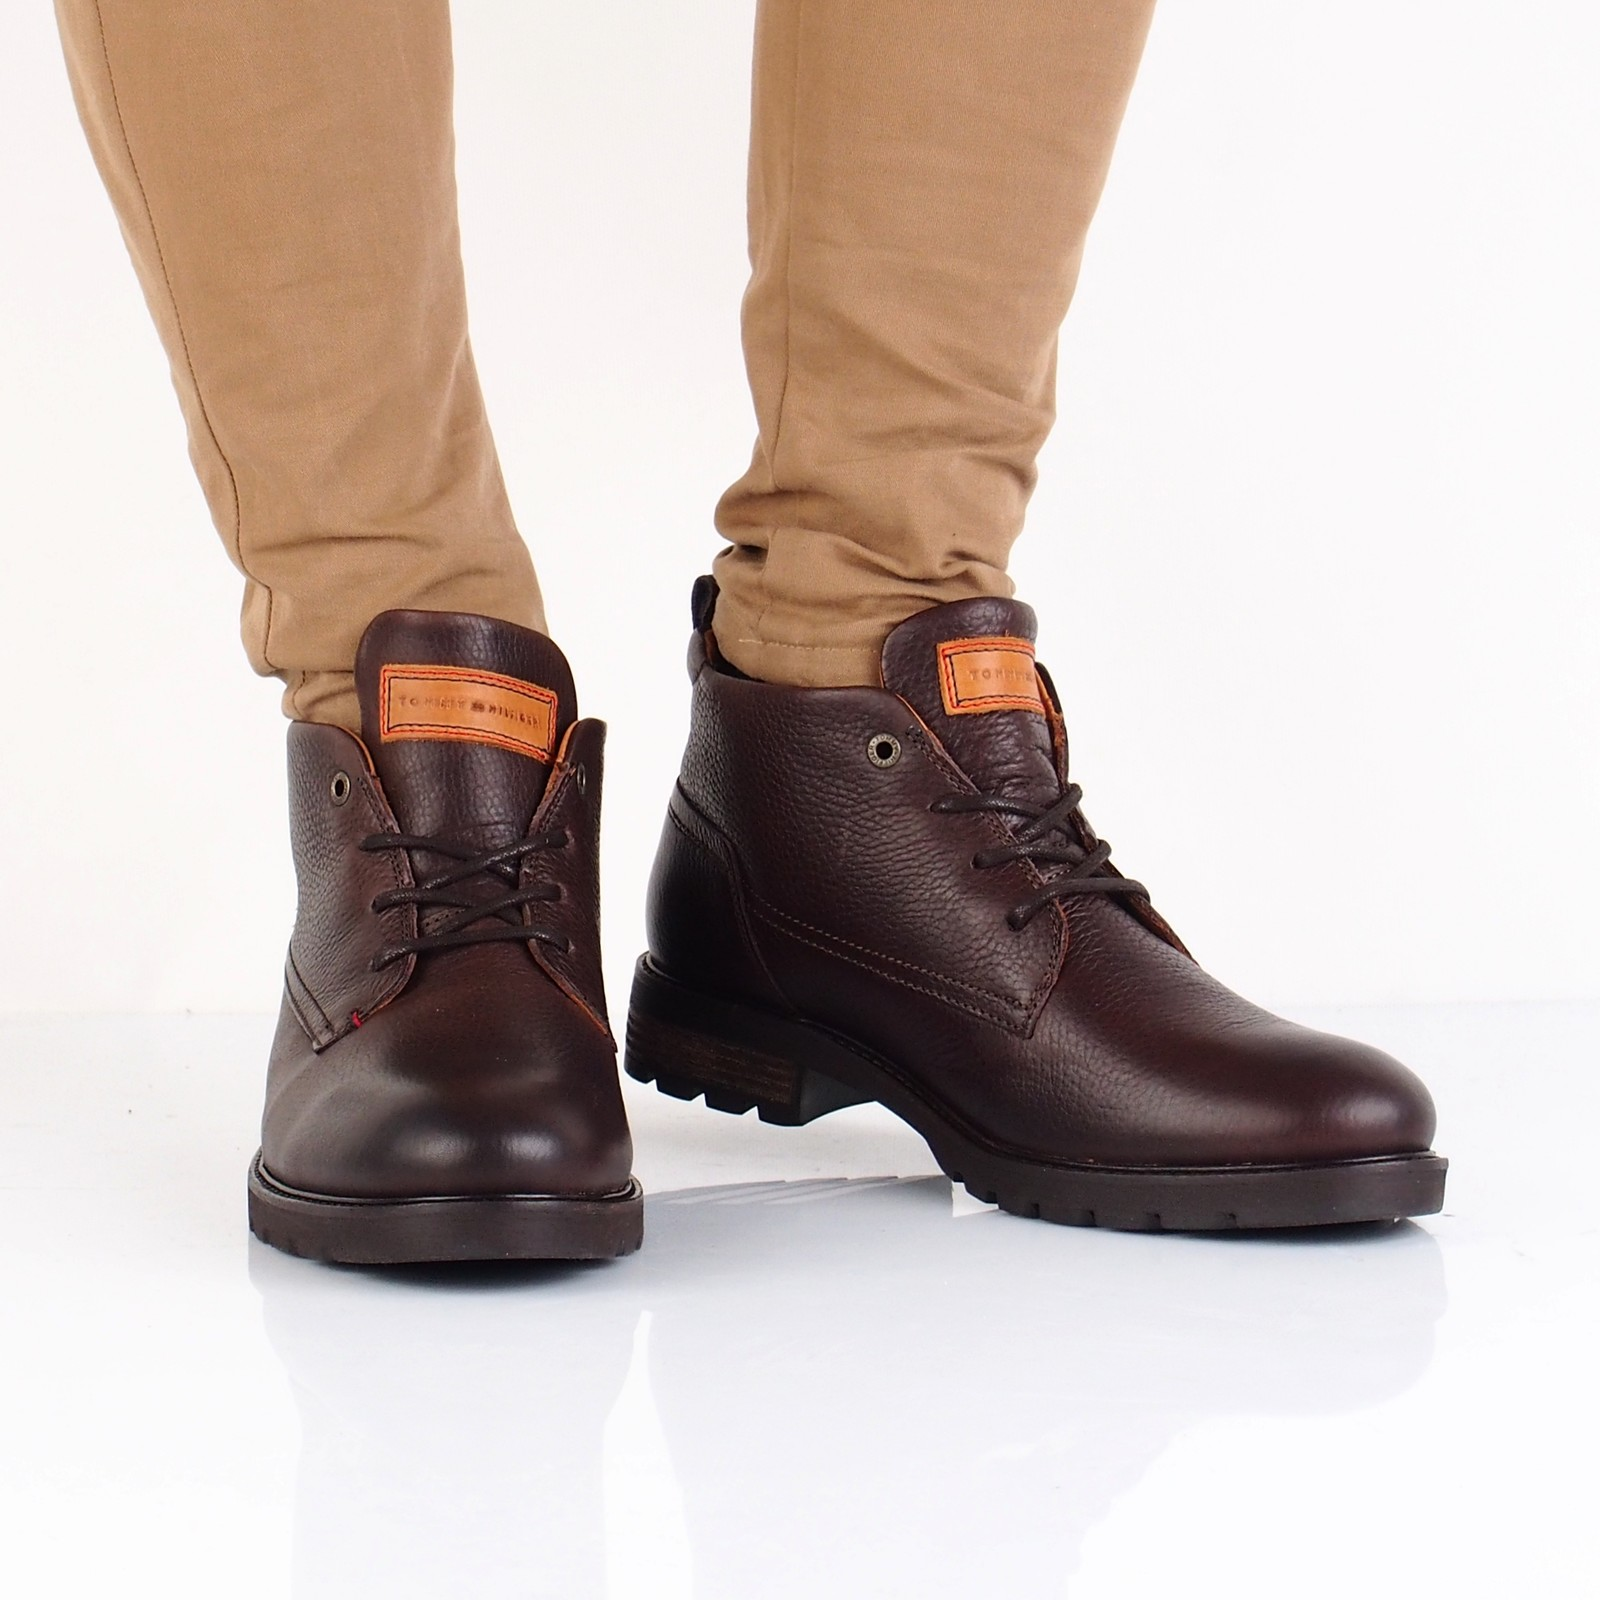 1b7d0ba6a7 Tommy Hilfiger pánska kožená členková obuv - hnedá ...